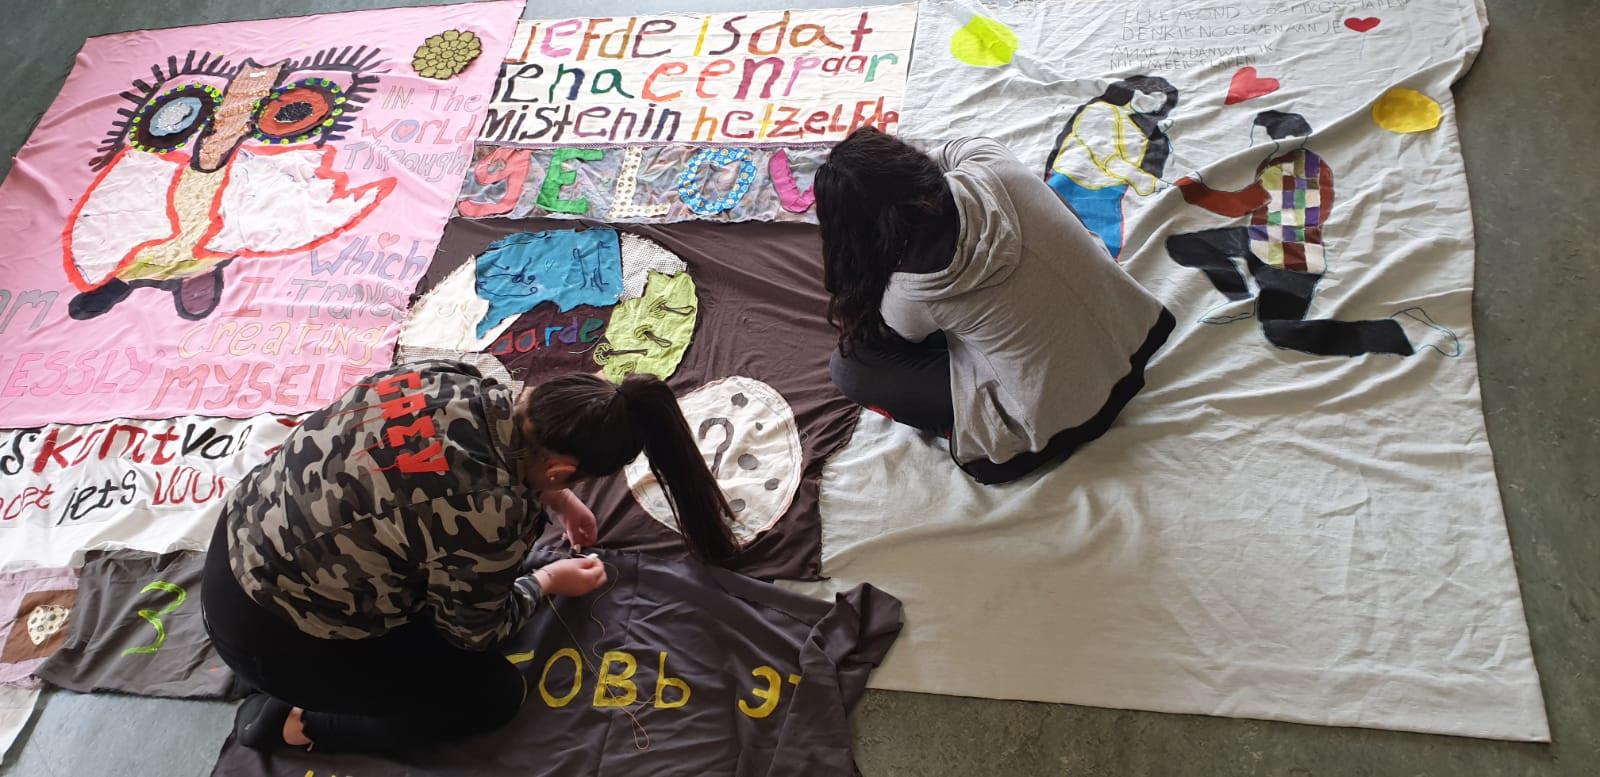 Leerlingen van de Internationale Schakelklas in Winterswijk druk bezig met het versieren van de doeken voor Wereld Vluchtelingendag in Winterswijk, eerder dit jaar.